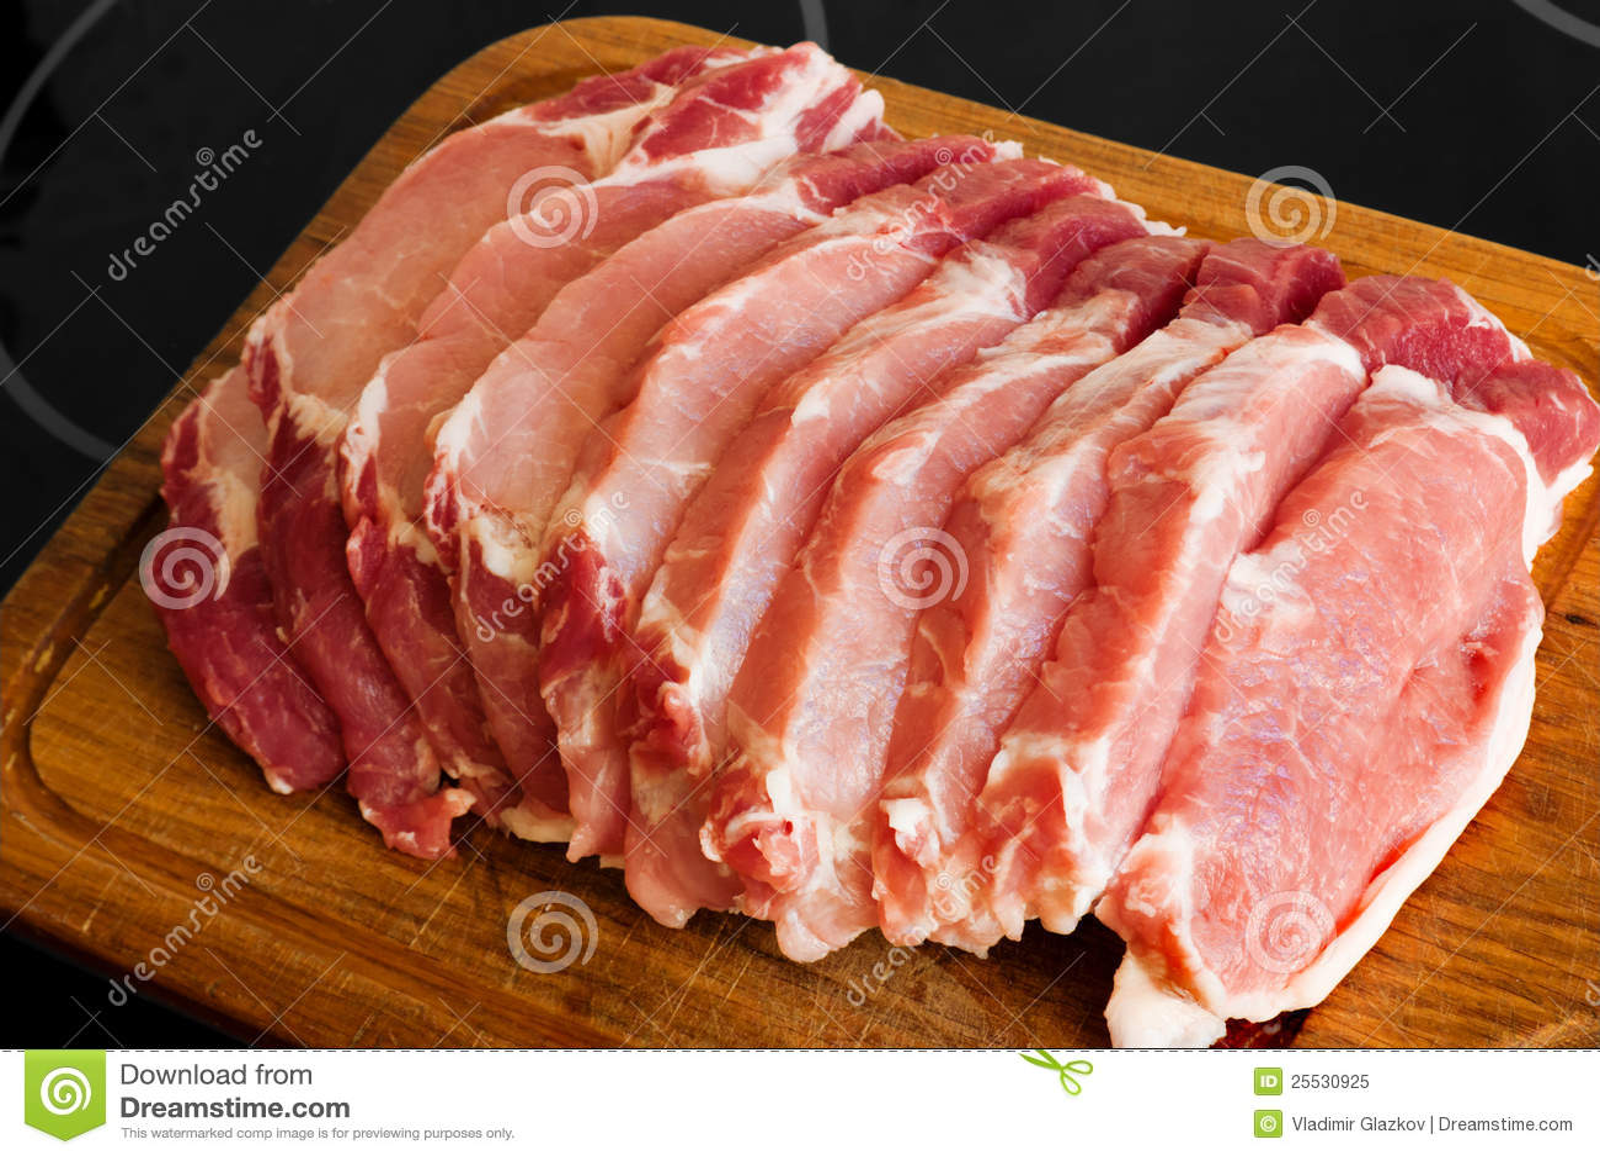 El color de la carne de res indica su frescura?